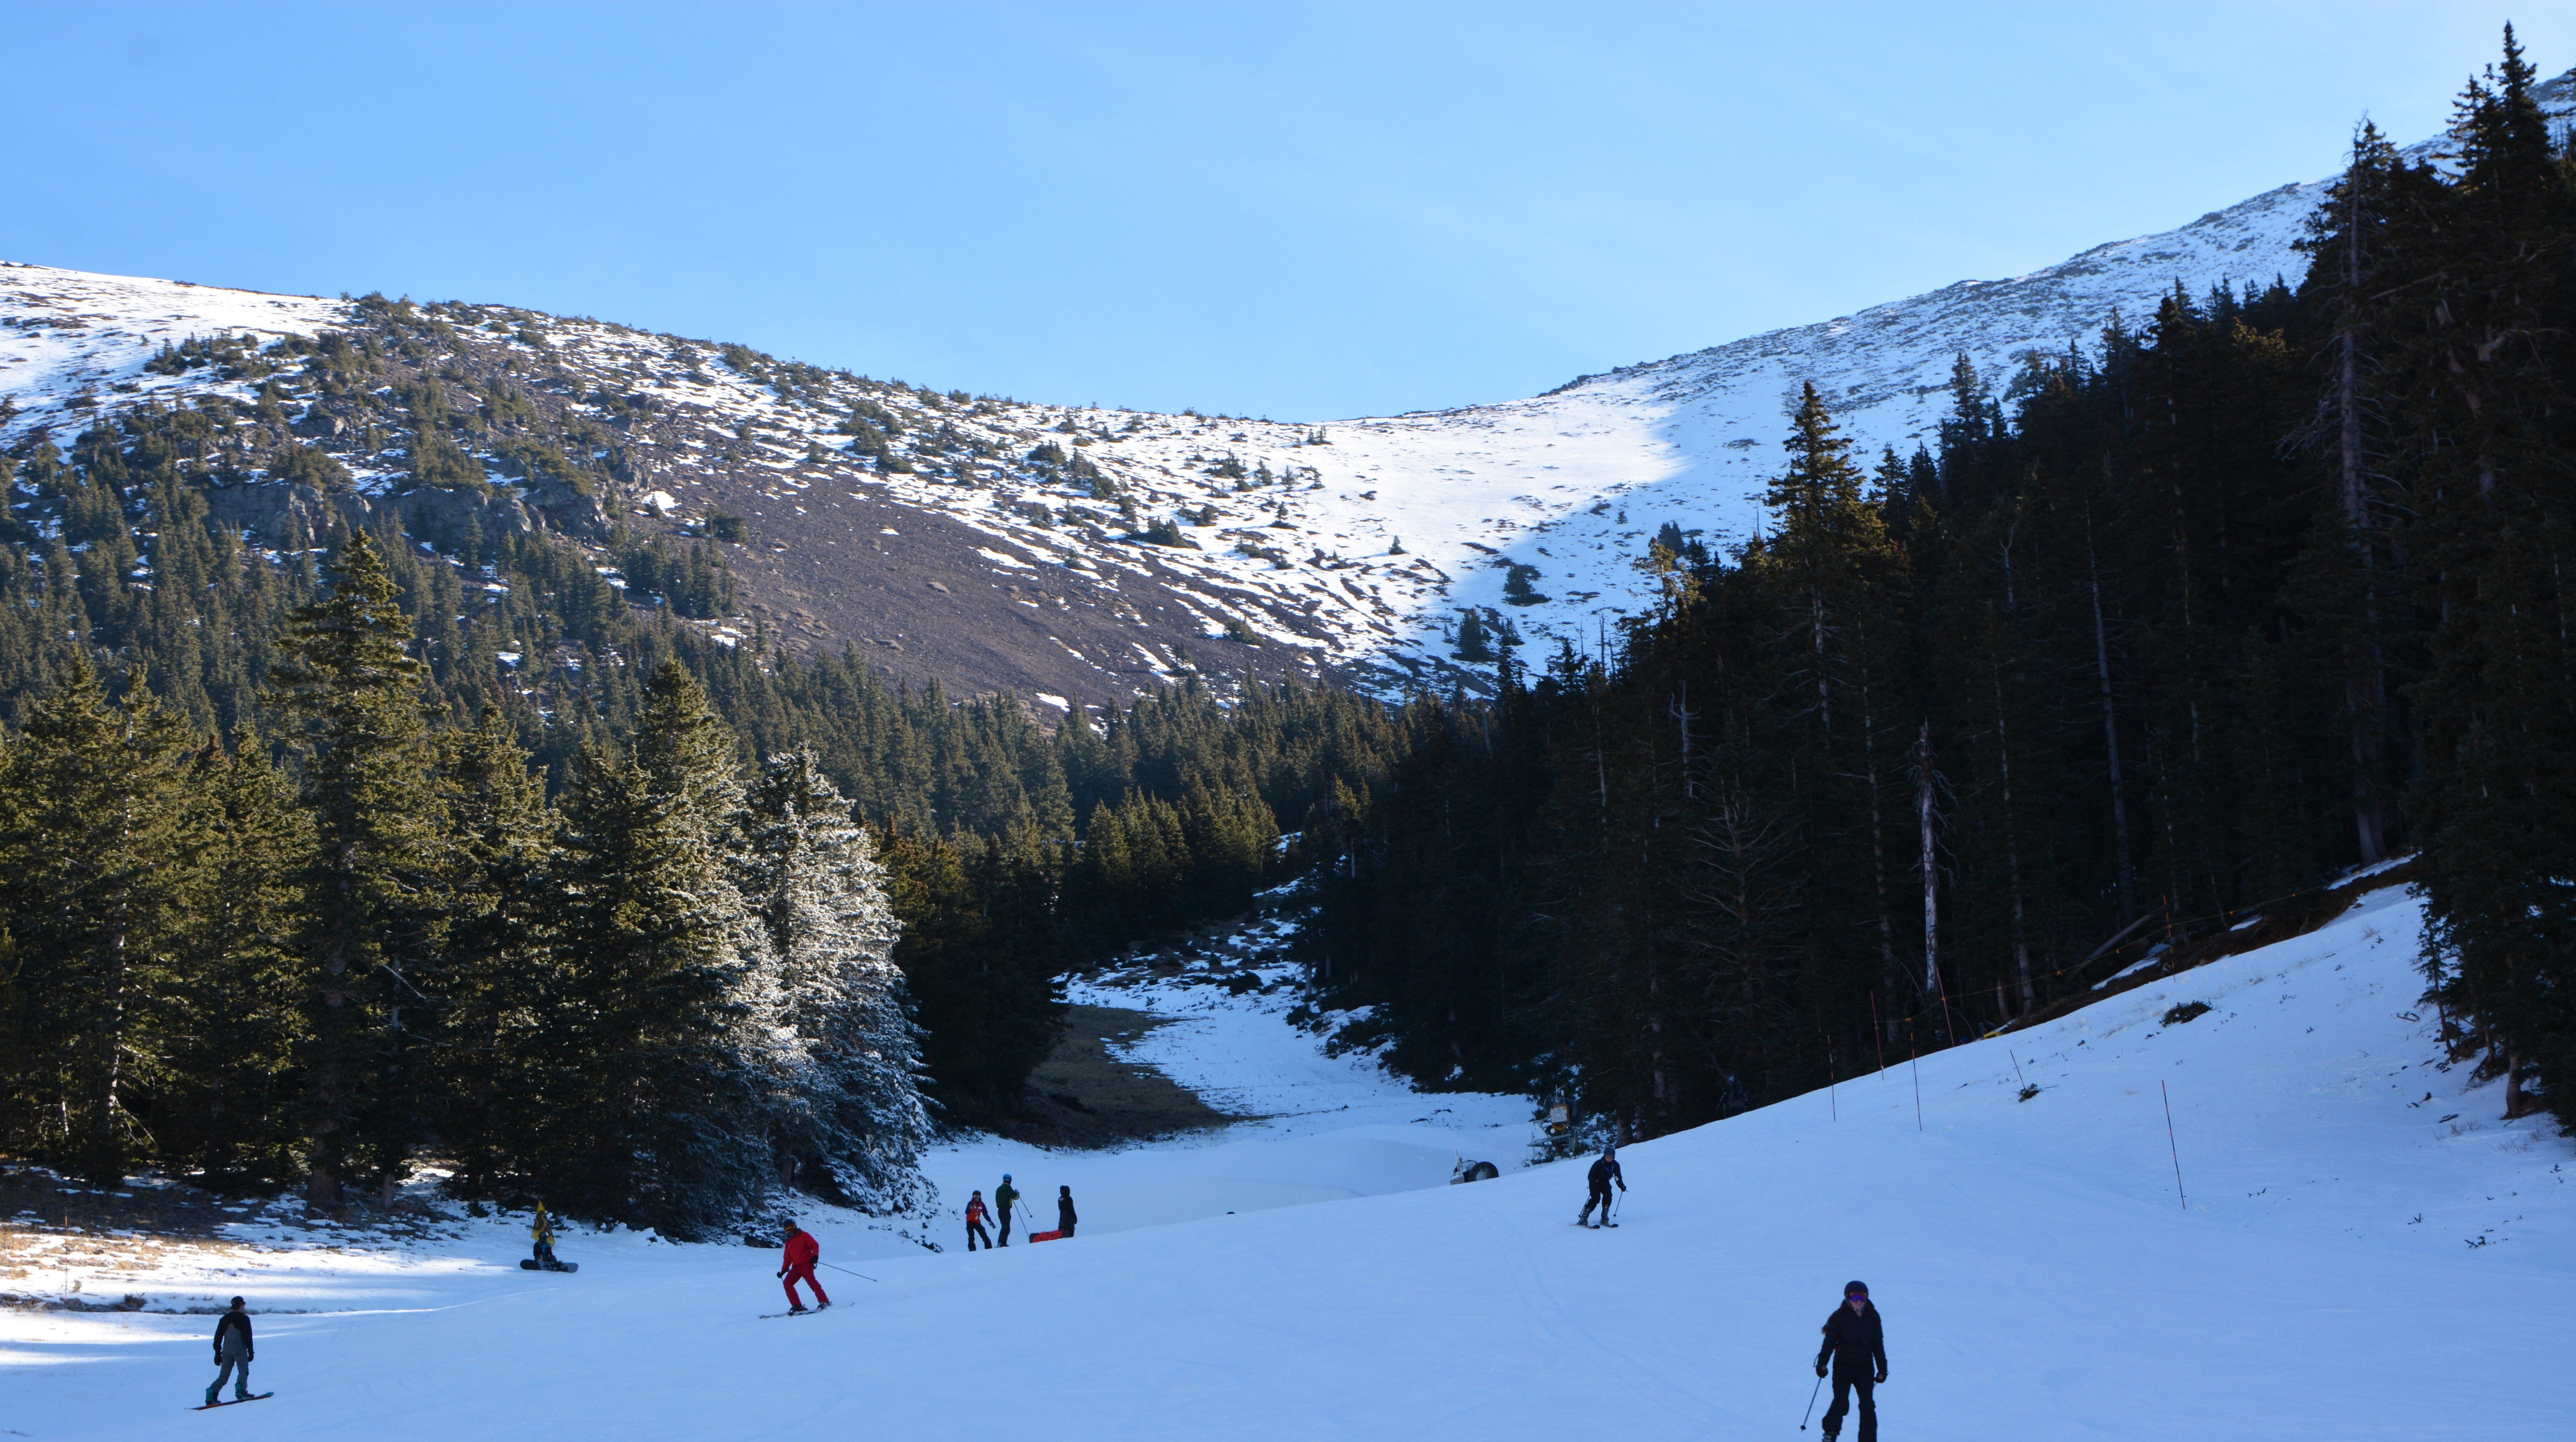 arizona skiing and sledding this weekend